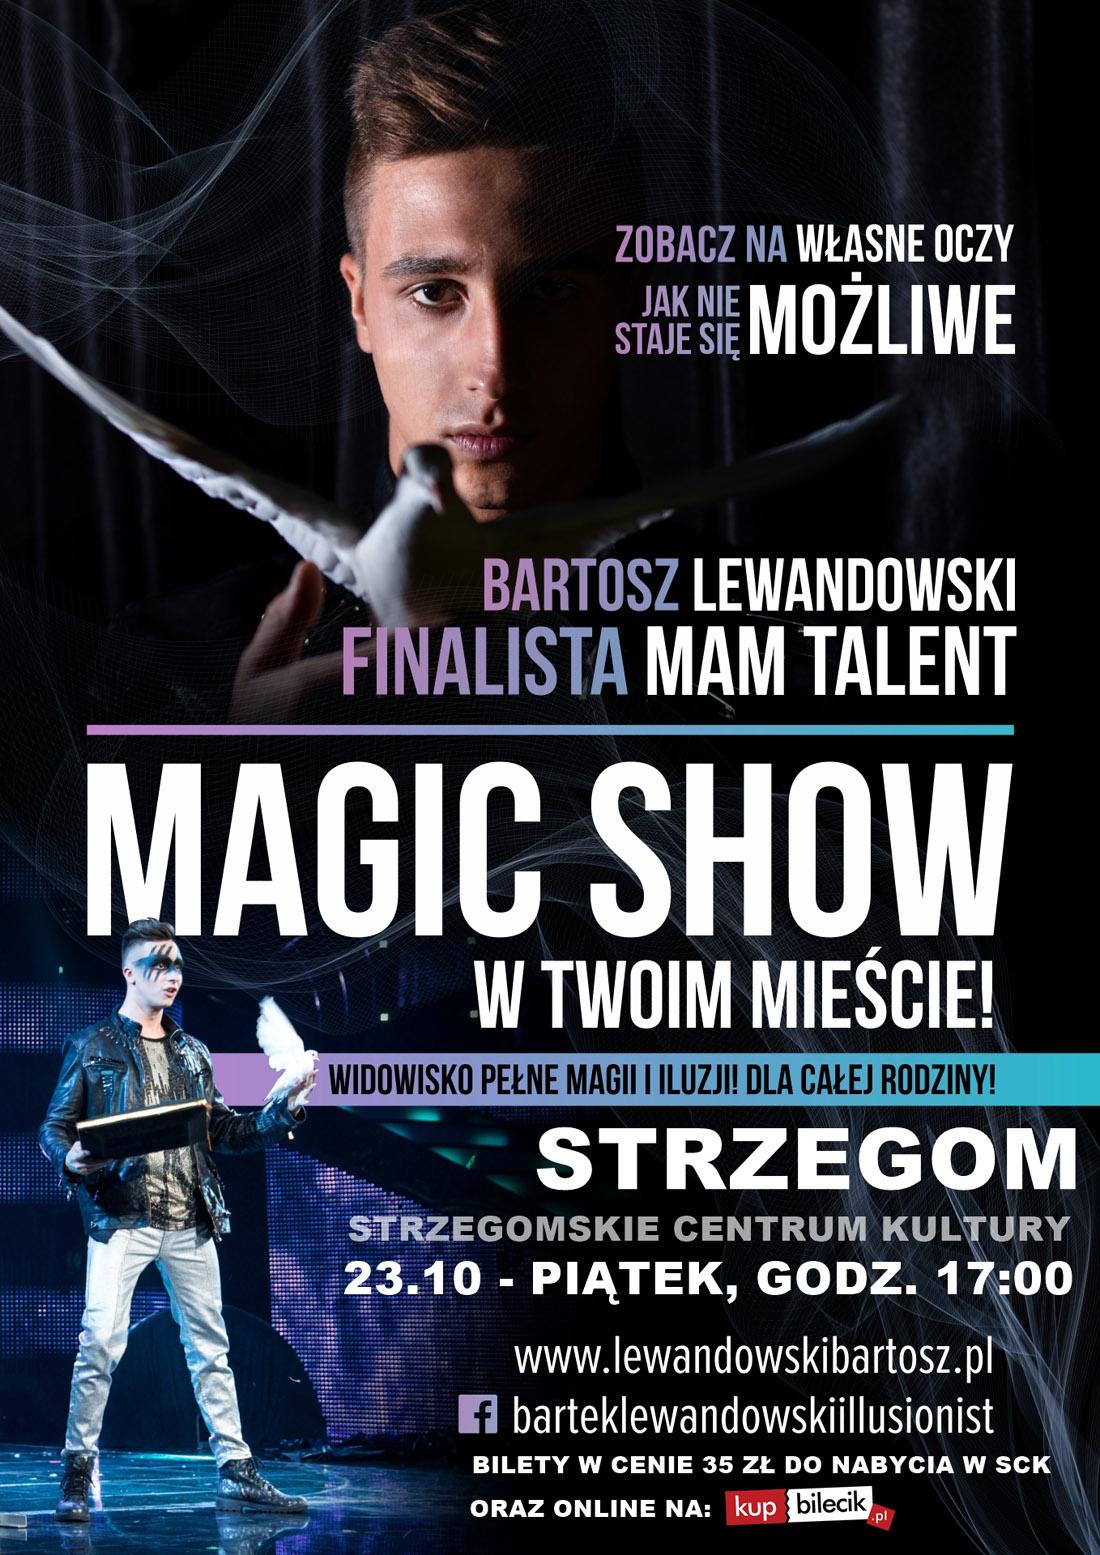 Magic Show Bartosza Lewandowskiego w Strzegomiu